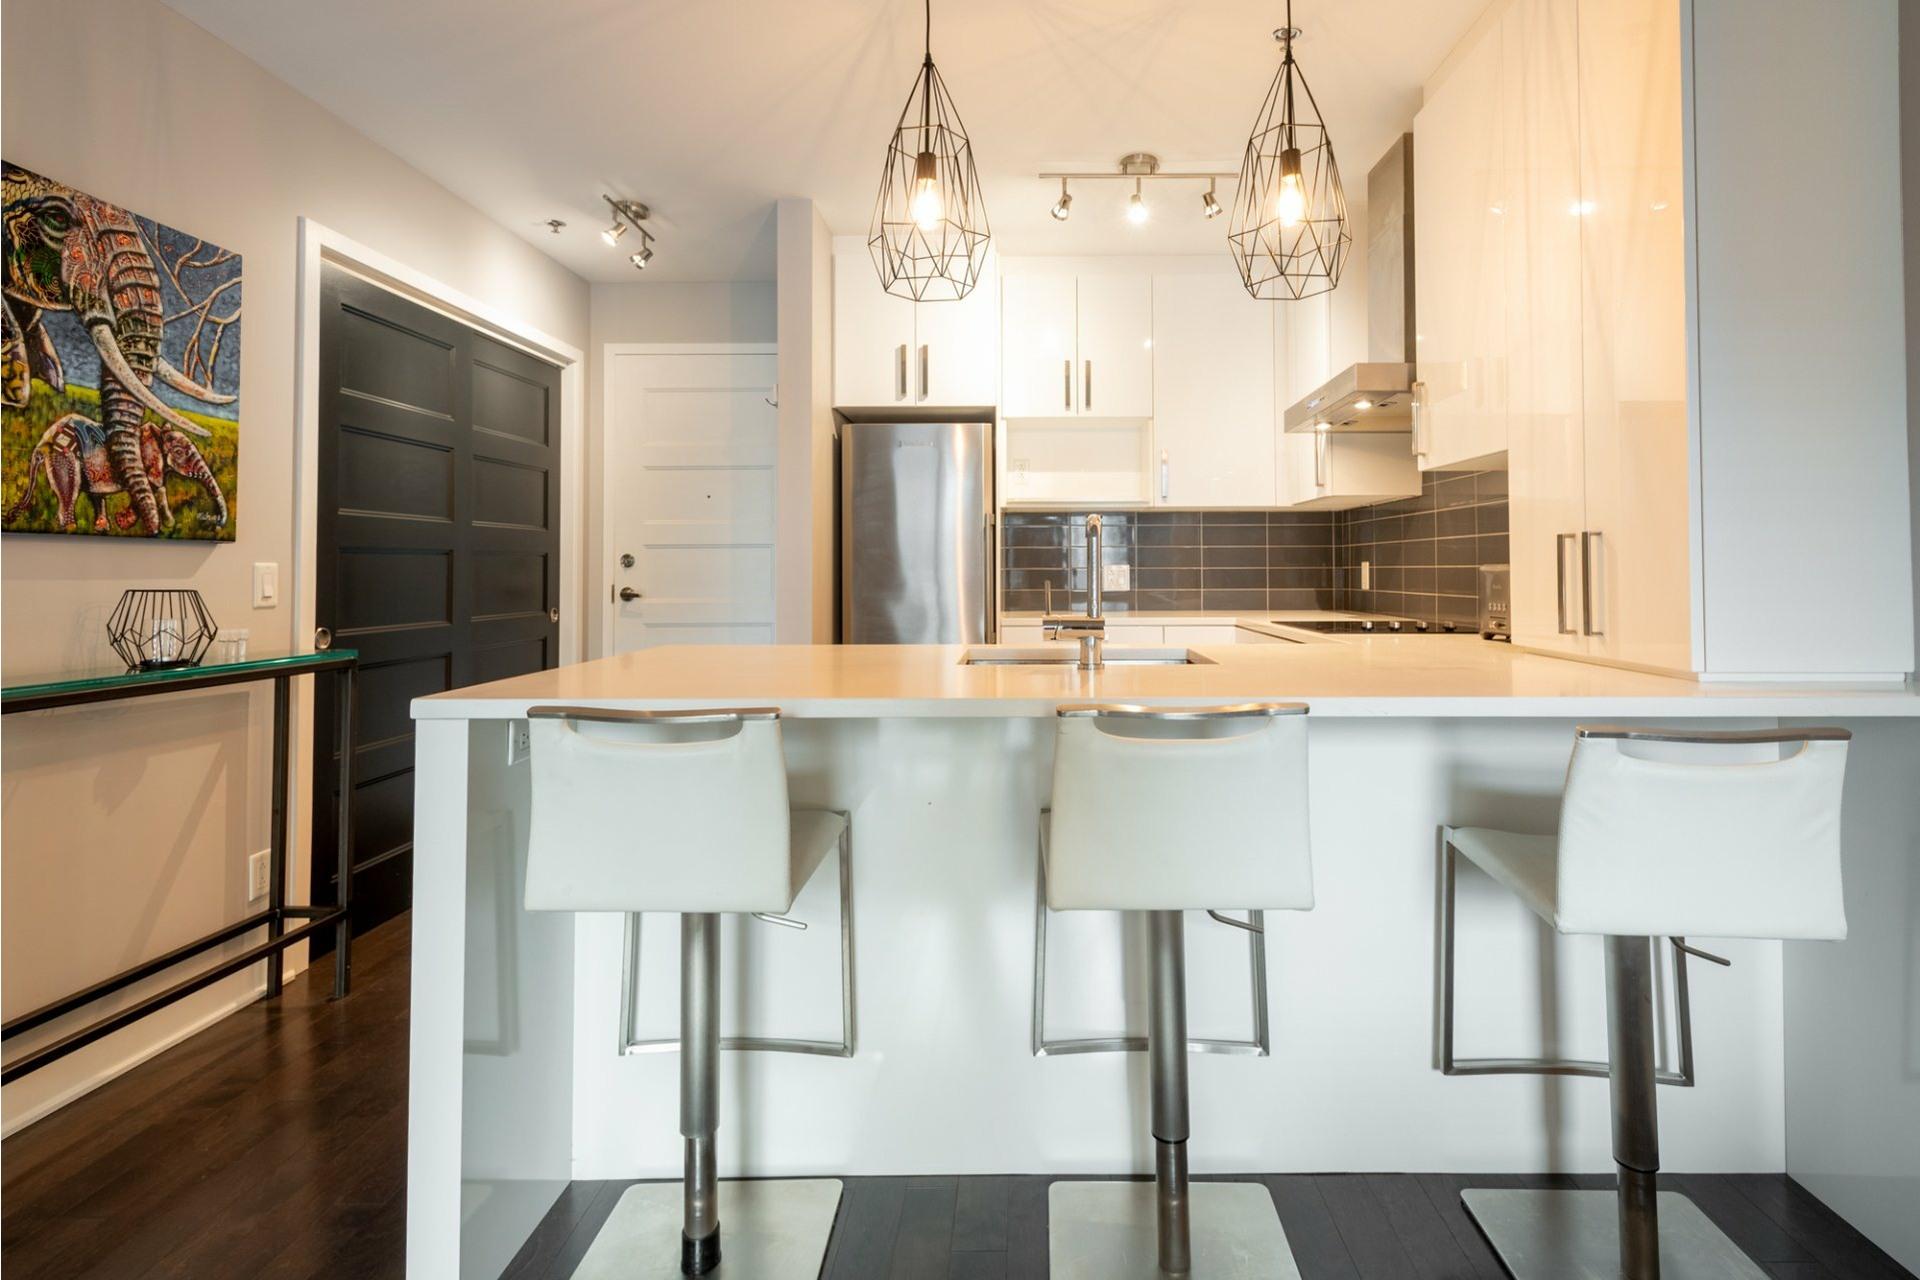 image 6 - Apartment For sale Le Sud-Ouest Montréal  - 4 rooms